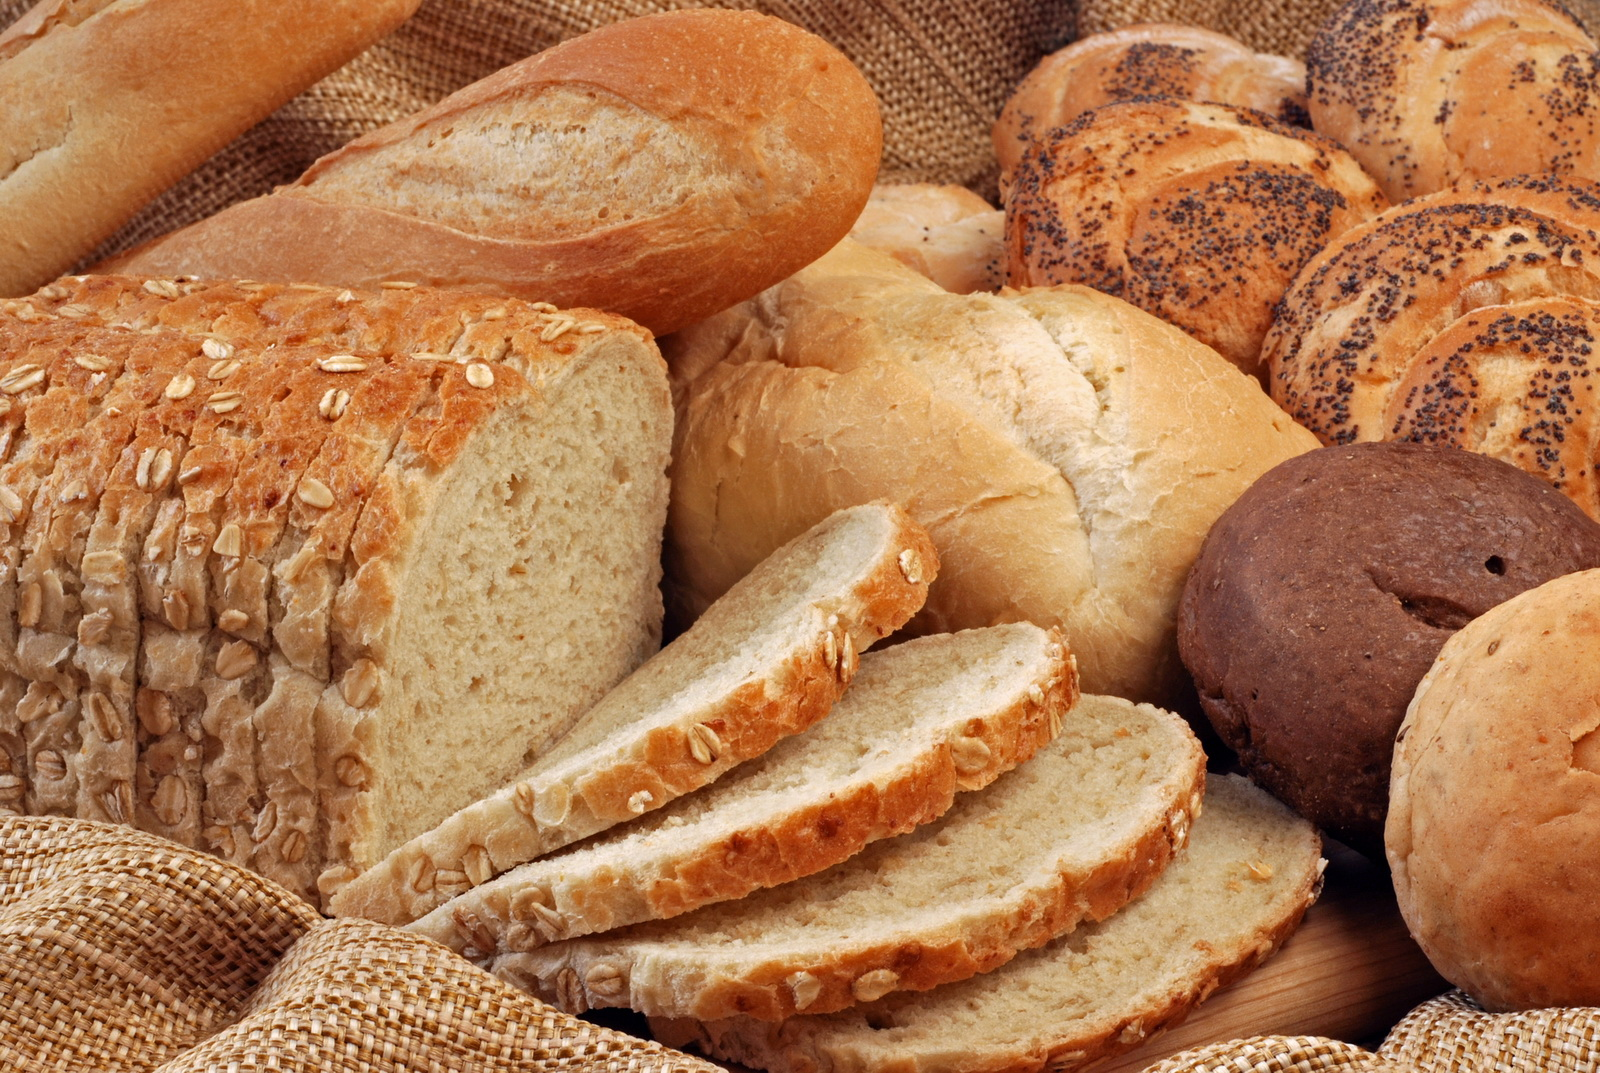 Изображение - Производство продуктов питания 18375_file_9e7e69703ee3591e1e9c97a00a3a2e31